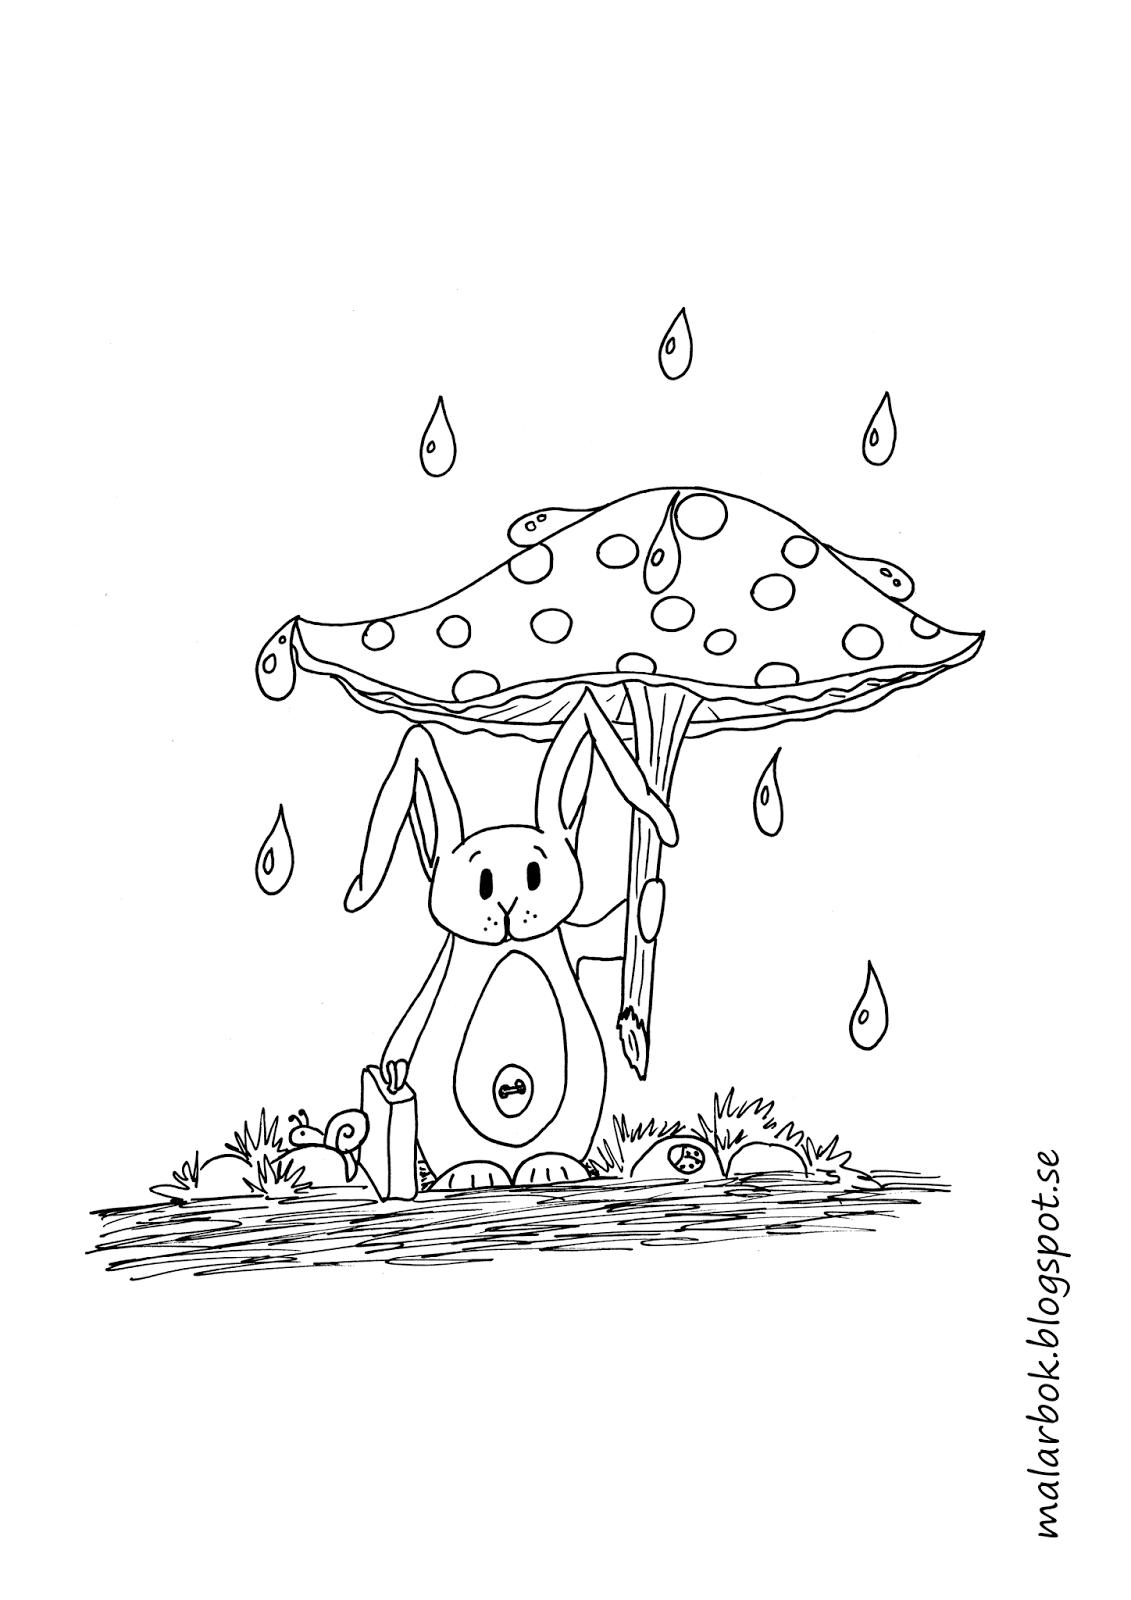 Målarbild kanin med svamp med paraply